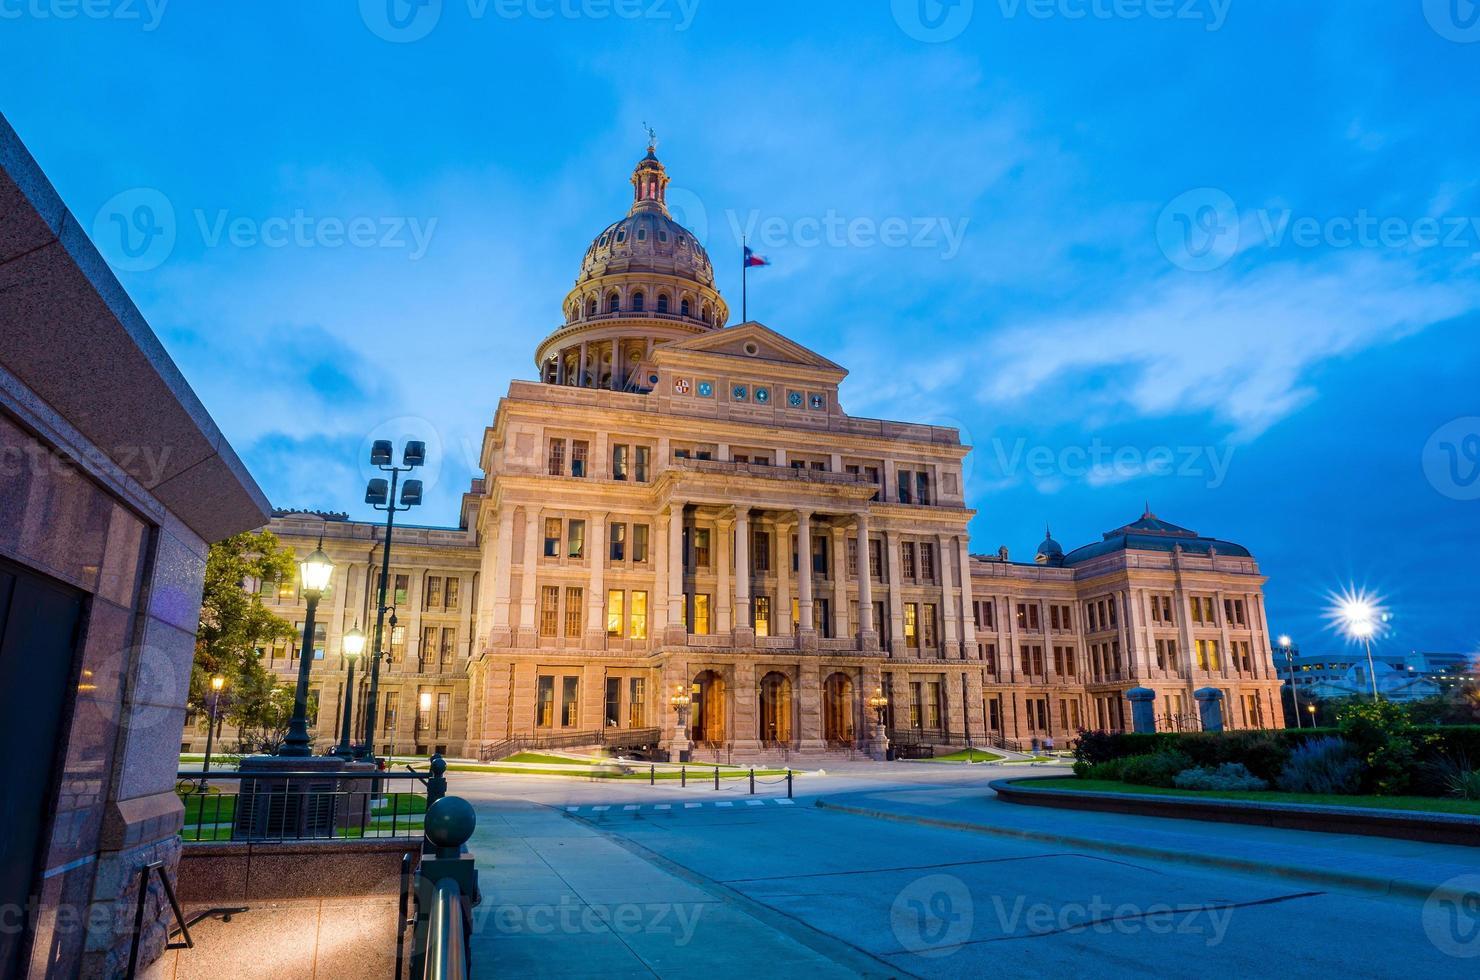 Texas State Capitol Building à Austin, TX. au crépuscule photo